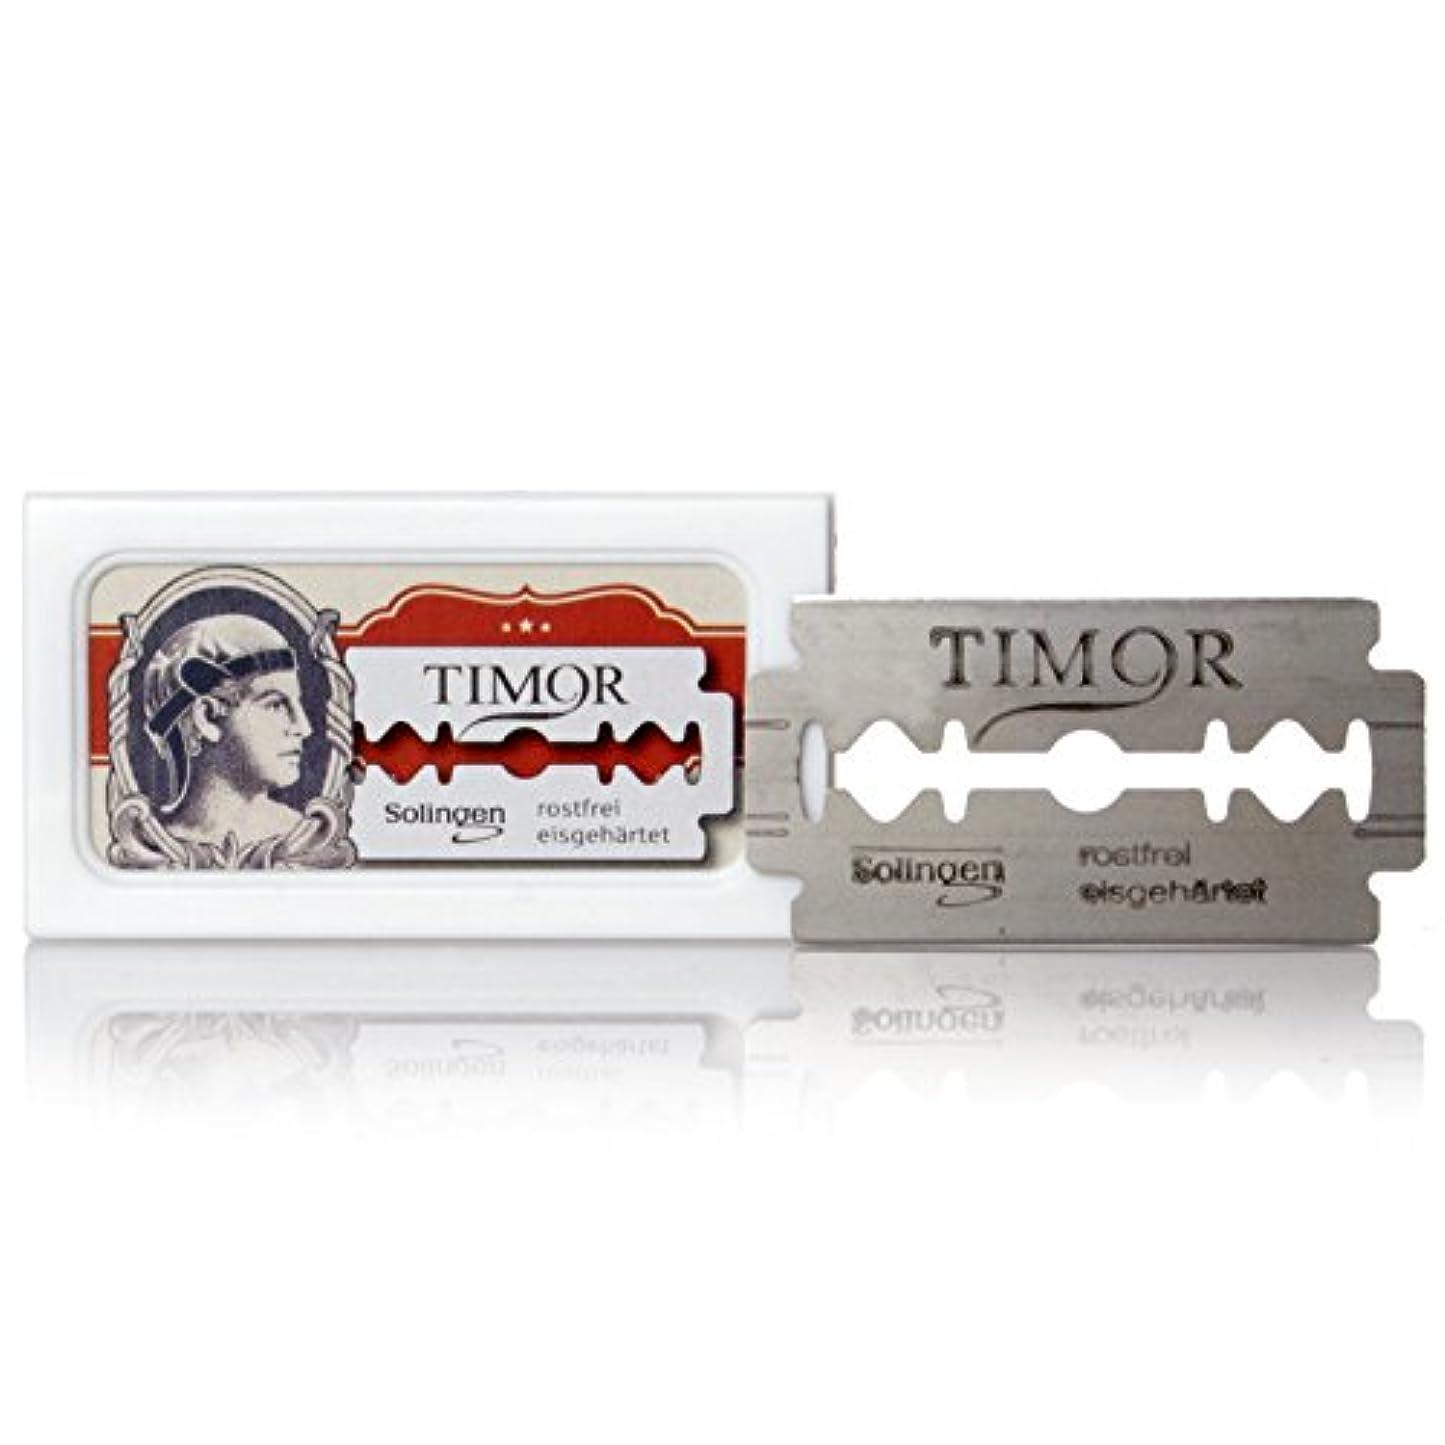 下に予防接種ブリリアントTimor - razor blades, stainless, 10 pieces